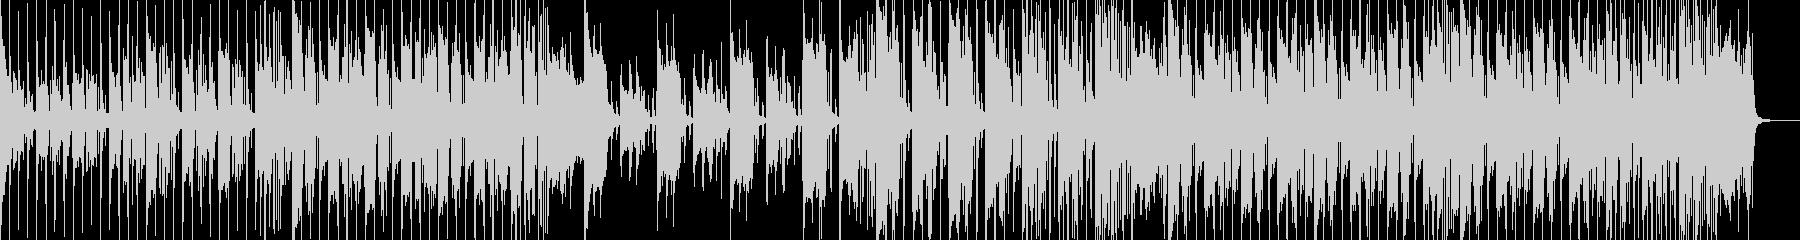 オシャレな感じのエレクトロファンクの未再生の波形